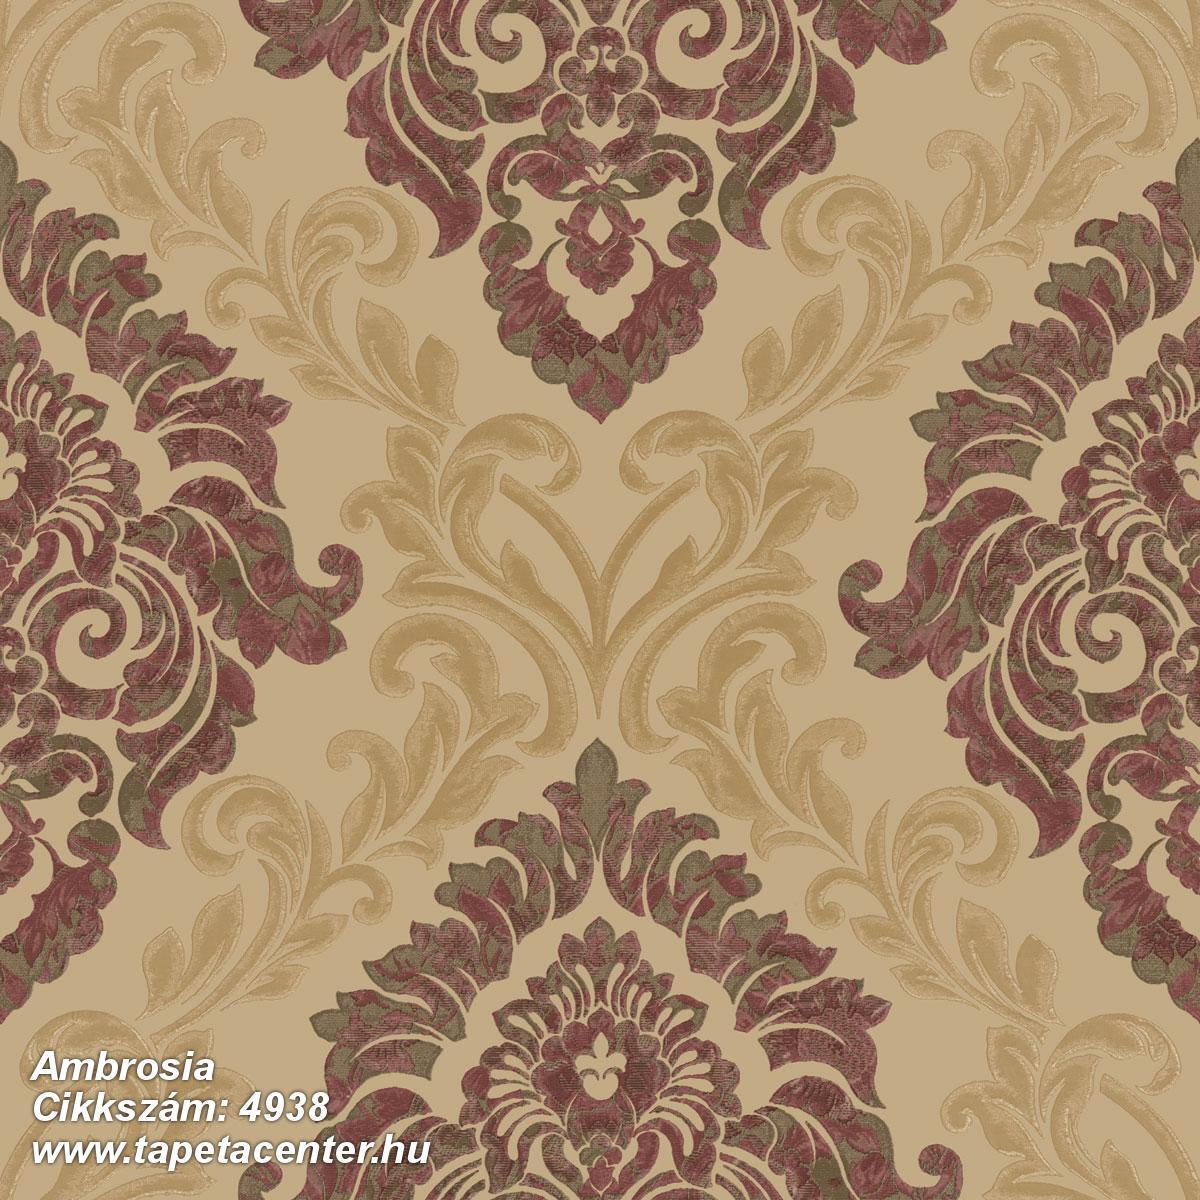 Barokk-klasszikus,különleges motívumos,textil hatású,arany,bézs-drapp,piros-bordó,súrolható,vlies tapéta